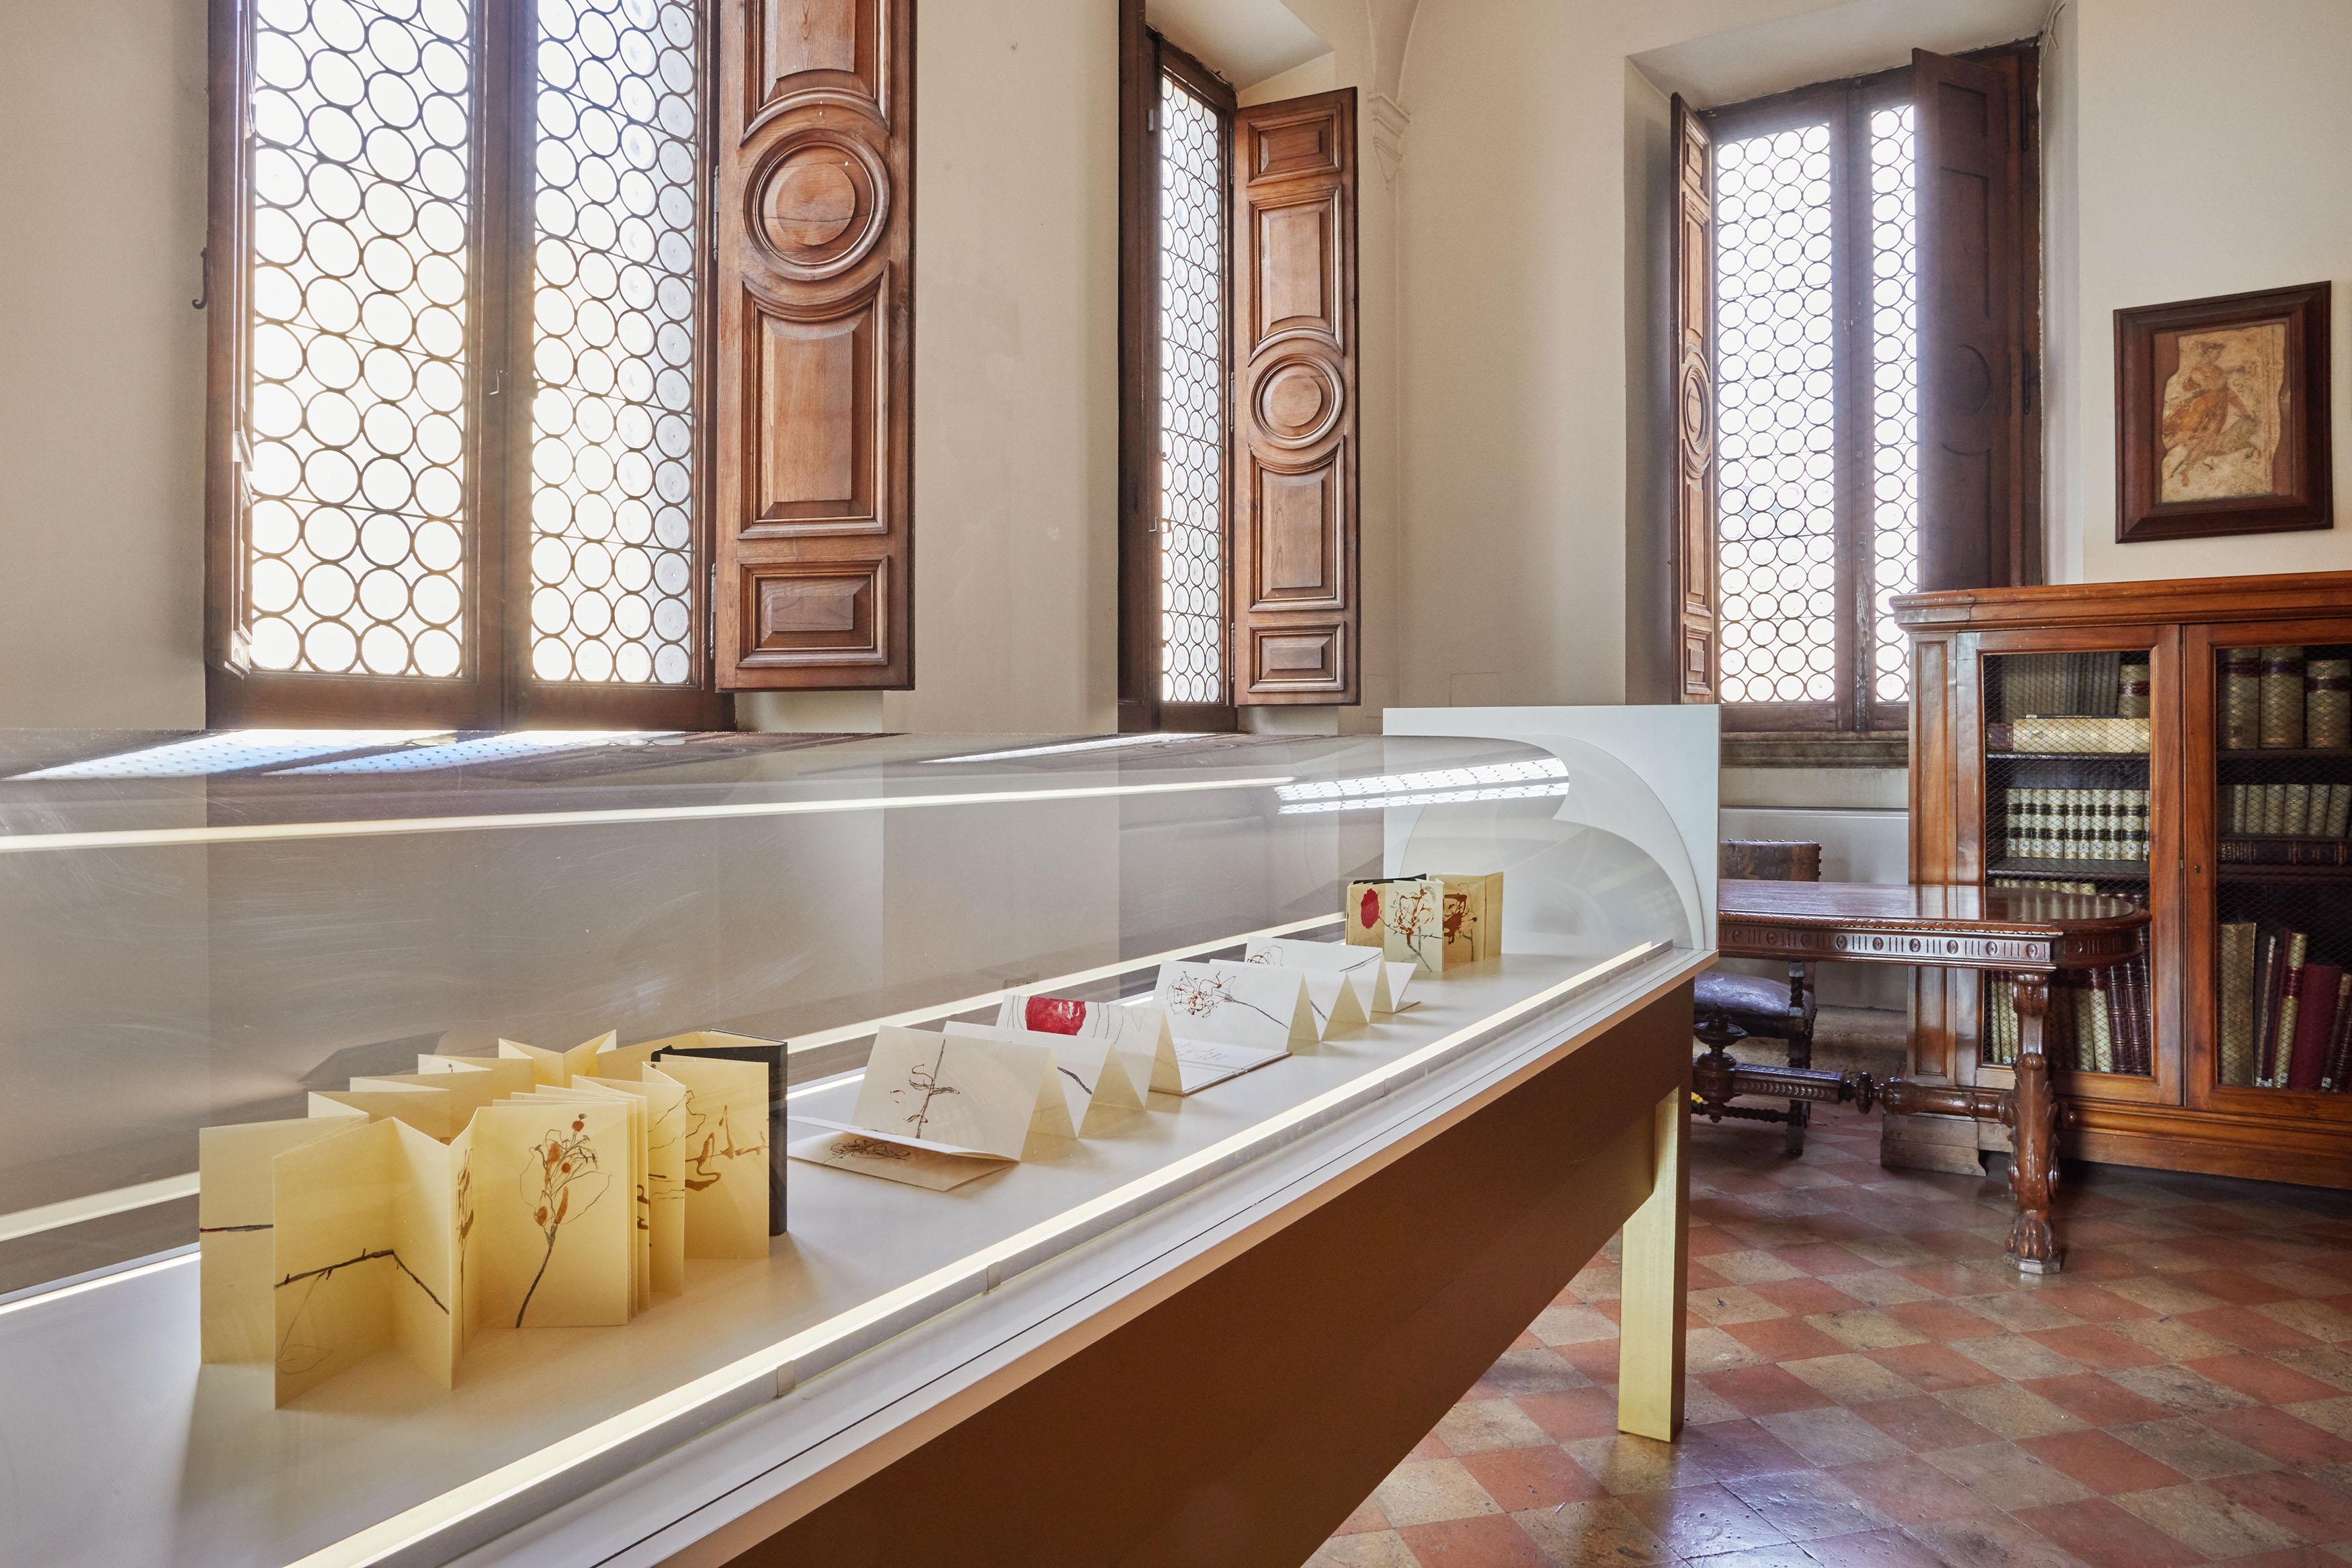 Elisa Montessori, La Vita Nova. L'amore in Dante nello sguardo di 10 artiste, Roma, Museo di Scultura Antica Giovanni Barracco, installation view, ph. Simon d'Exéa